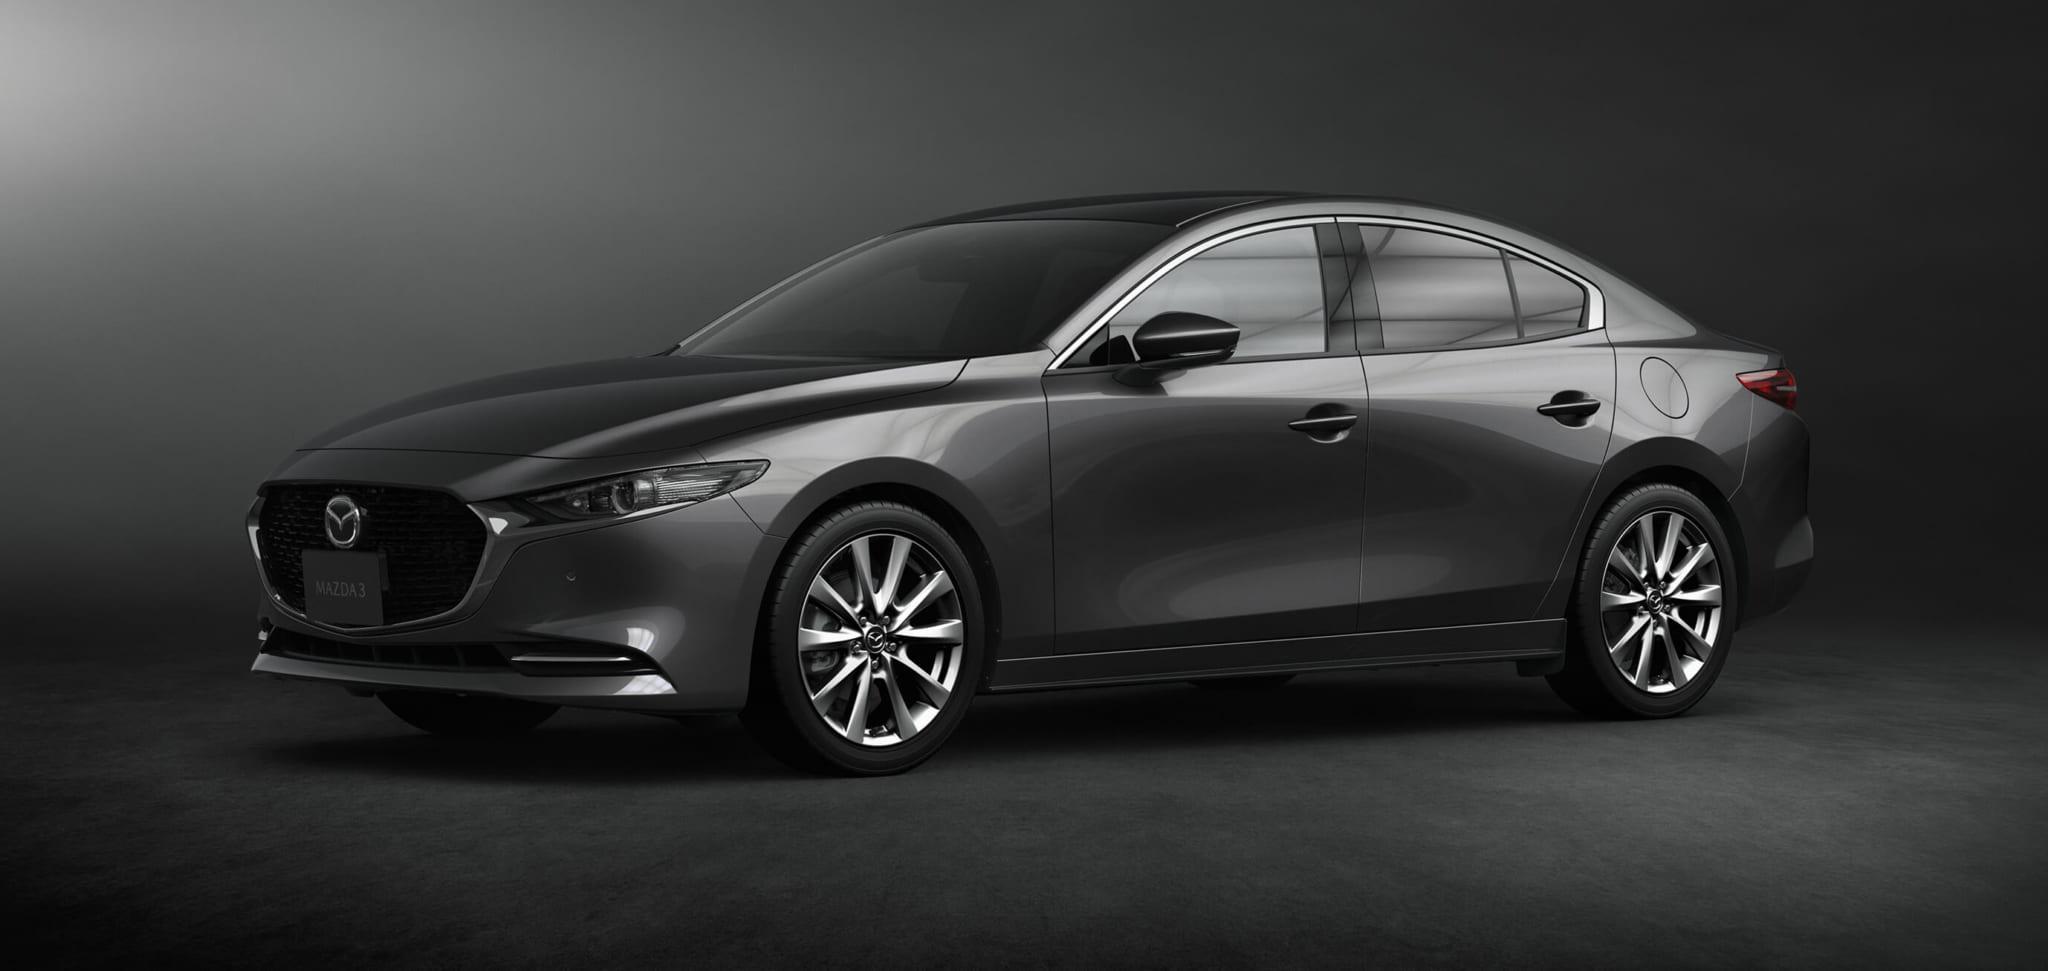 2019年新型車 マツダ Mazda3 セダン